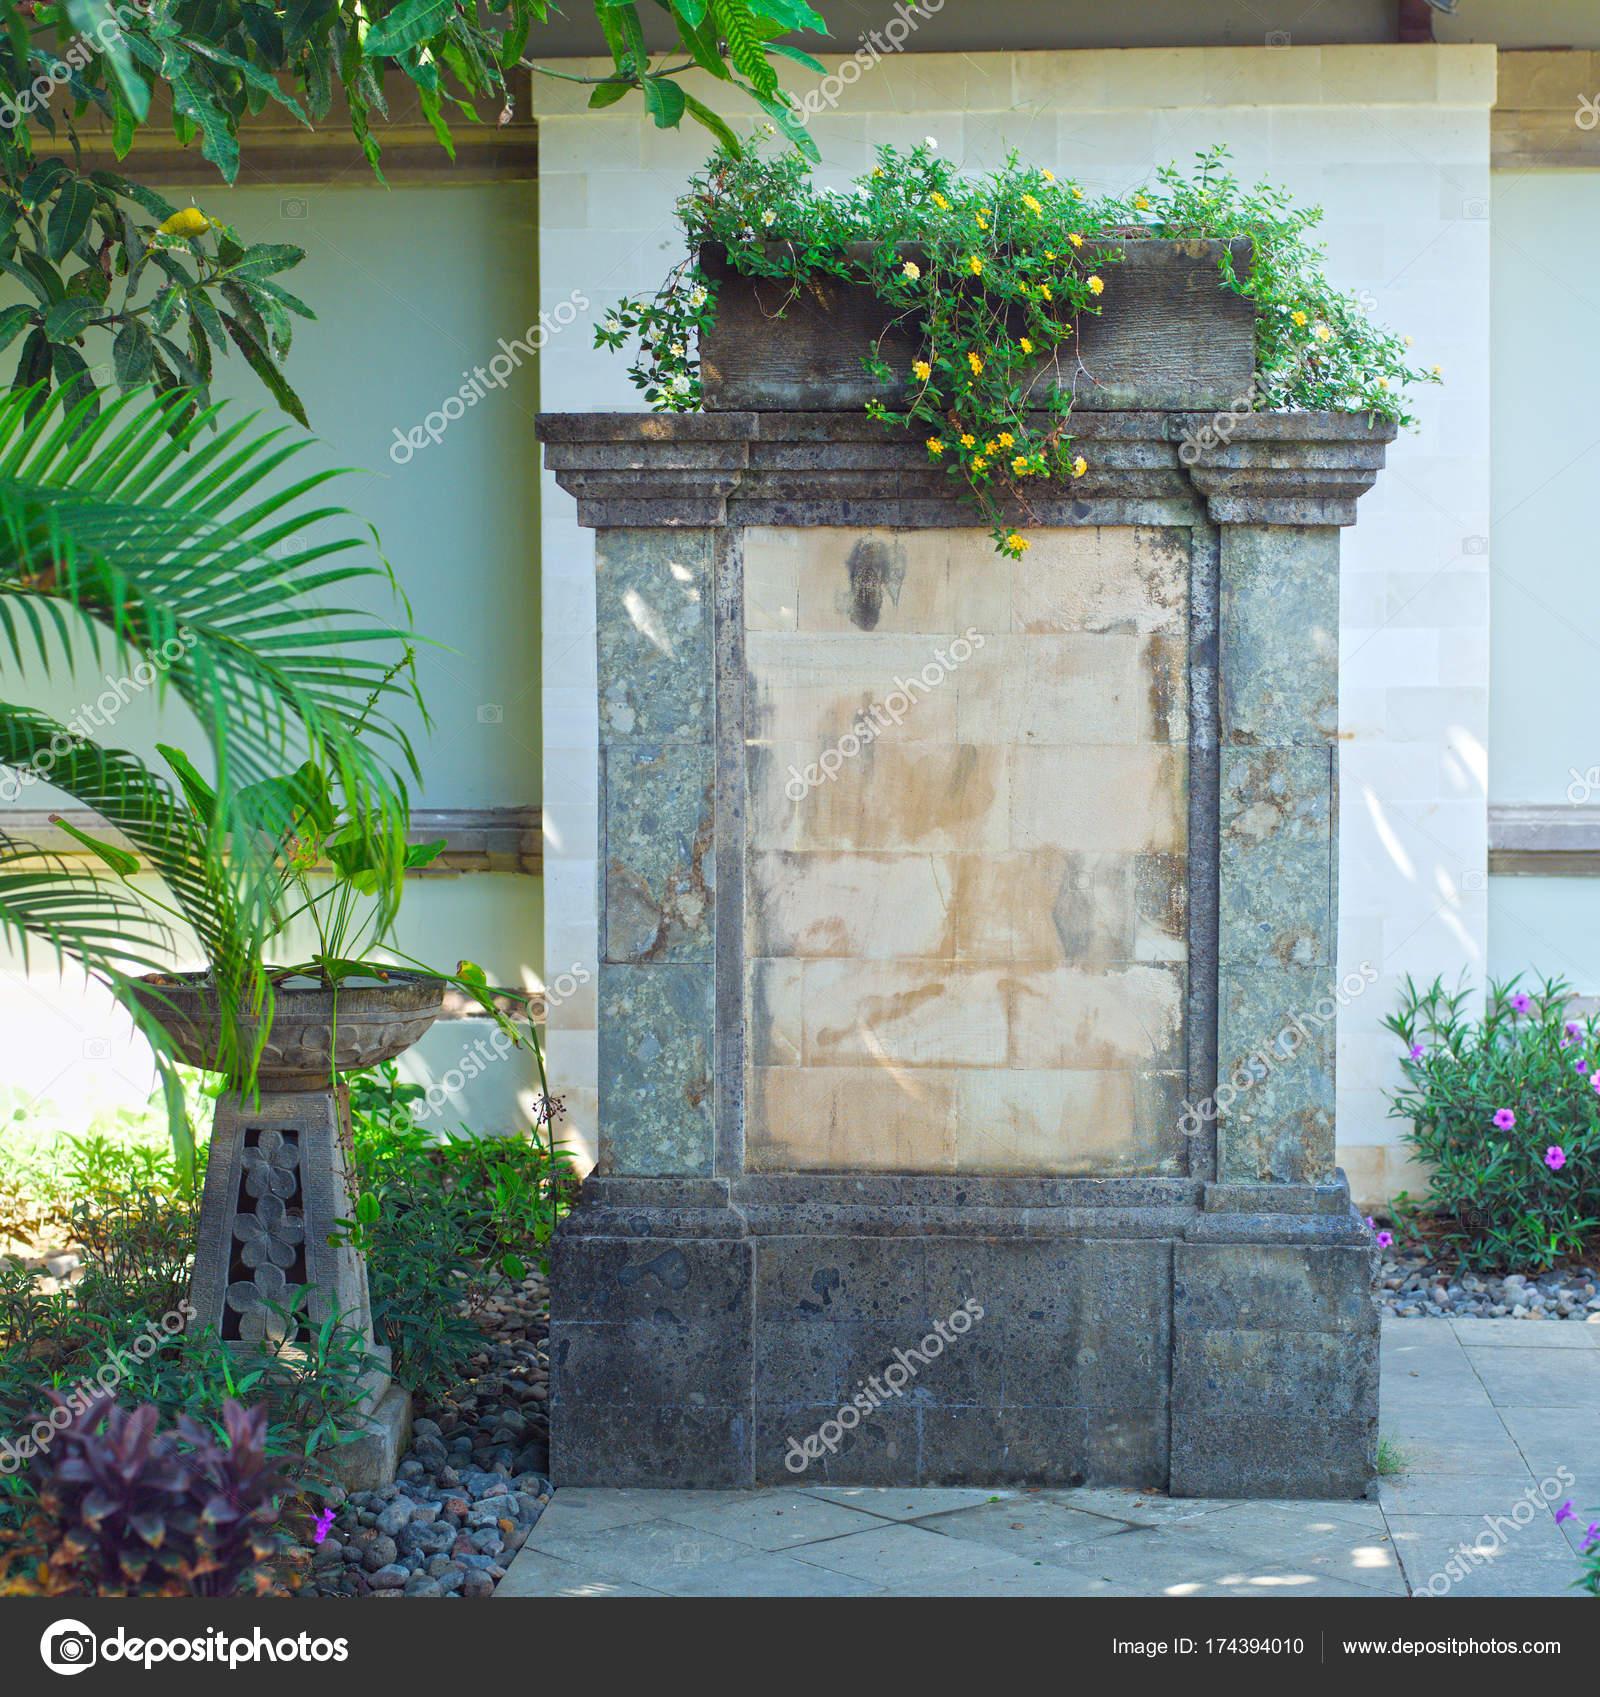 Brunnen Garten Garten Design Stockfoto C Gromaler 174394010